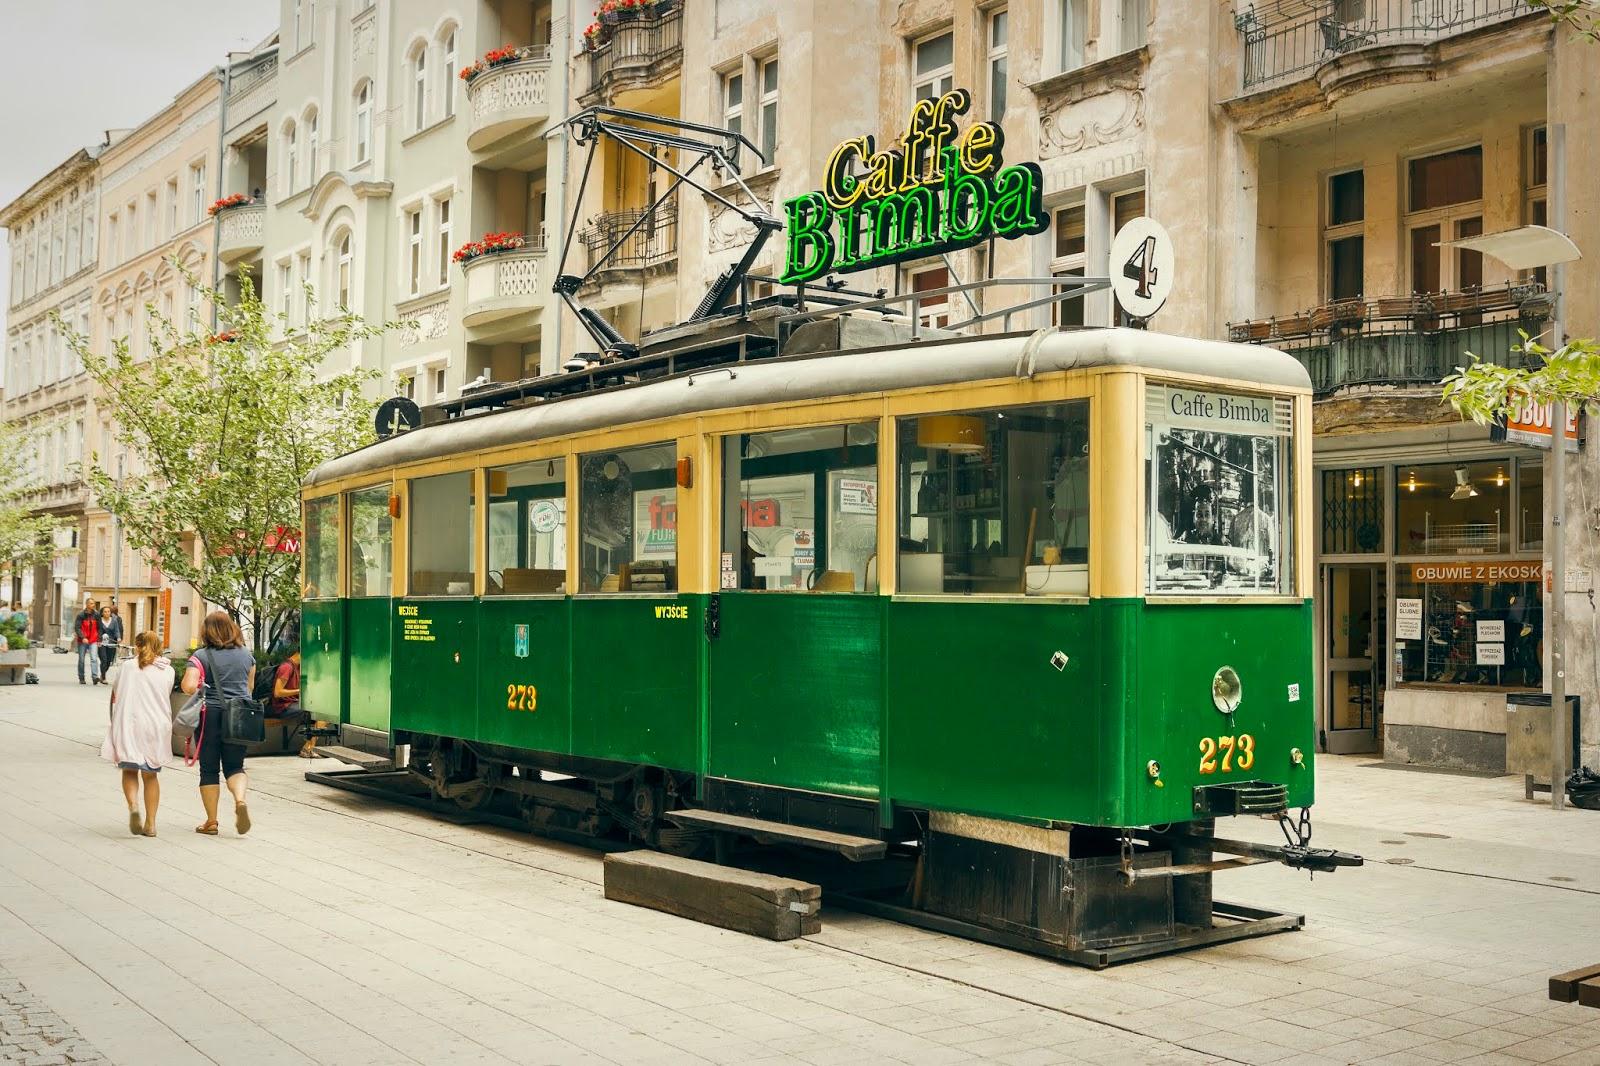 Zabytkowy tramwaj Konstal N w barwach poznańskiego MPK tzn. zielono żółty.  Tramwaj ten przerobiony jest na kawiarnię ze stolikami wewnątrz.